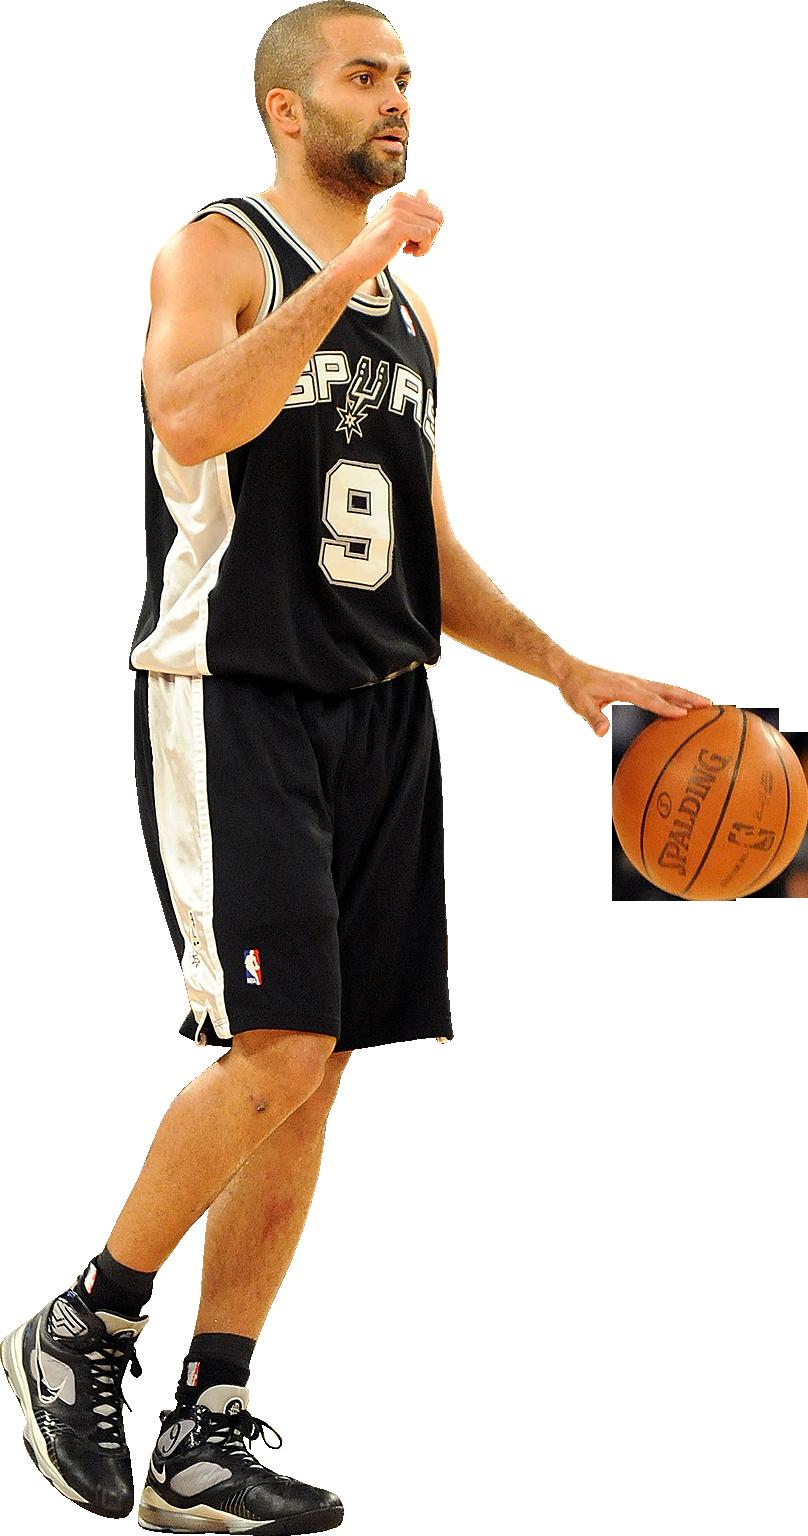 lebron james png - Google Search | NBA_Solo | Pinterest ...